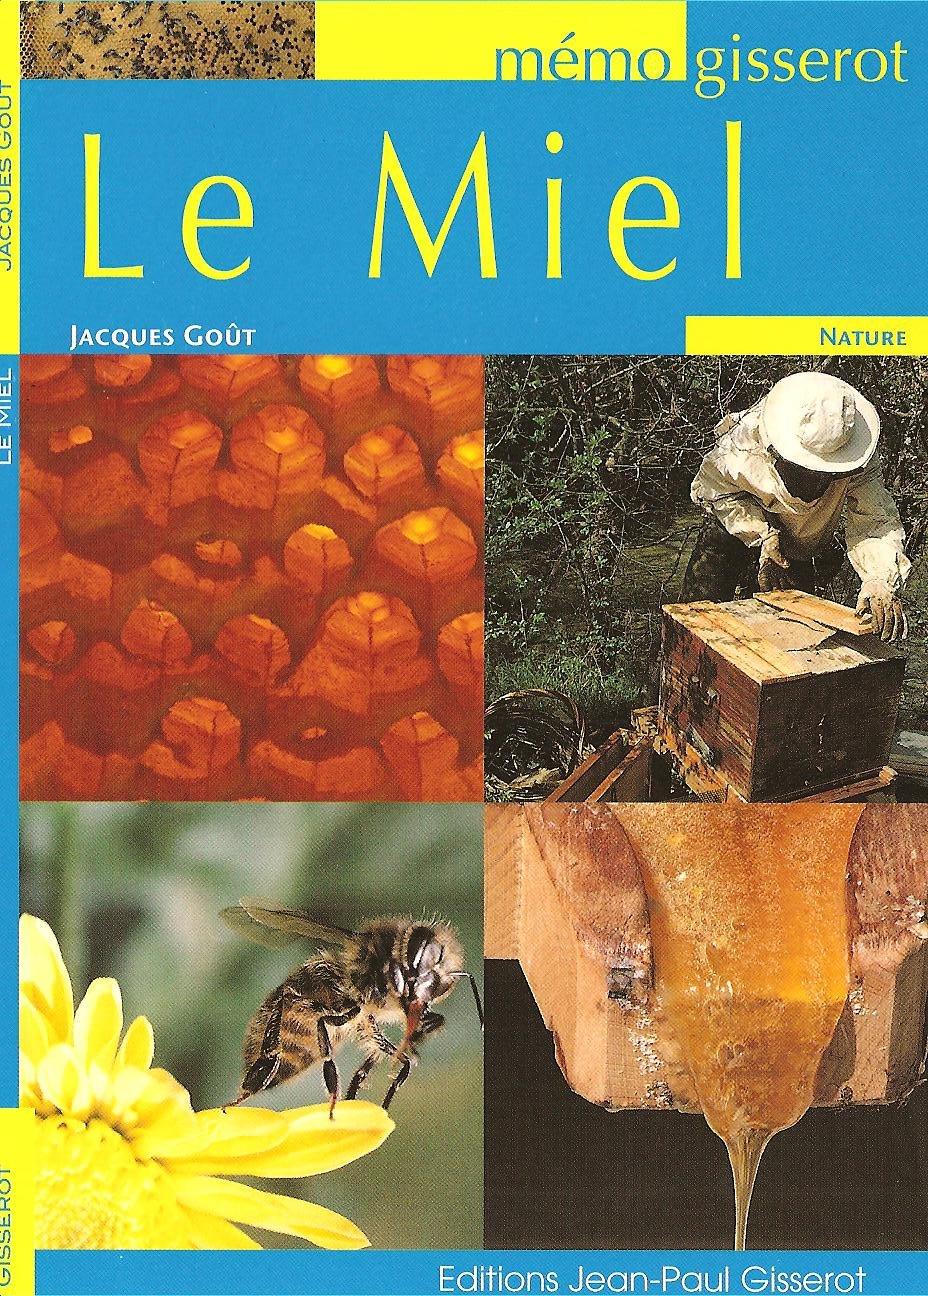 Le Miel - Memo Broché – 27 mars 2009 Gout Jacques Gisserot 2755800895 TL2755800895